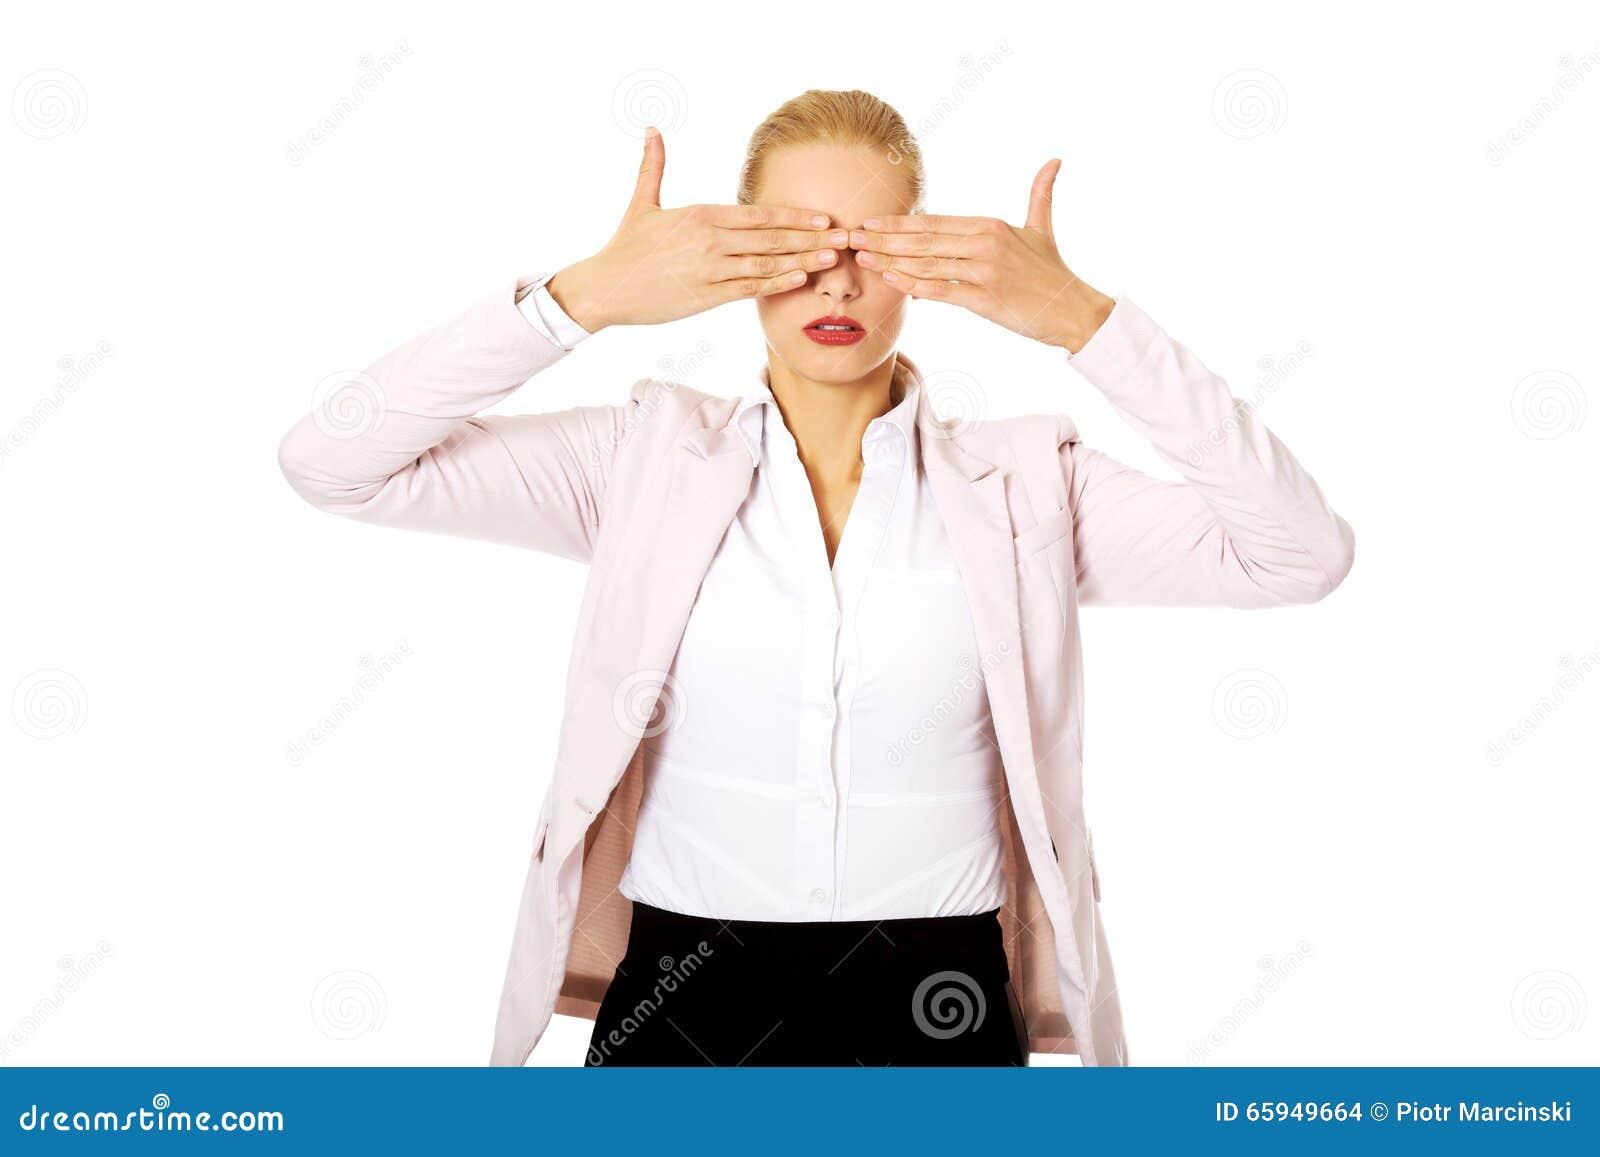 Επιχειρησιακή γυναίκα που καλύπτει τα μάτια της με τα χέρια της Μην δείτε καμία κακή έννοια